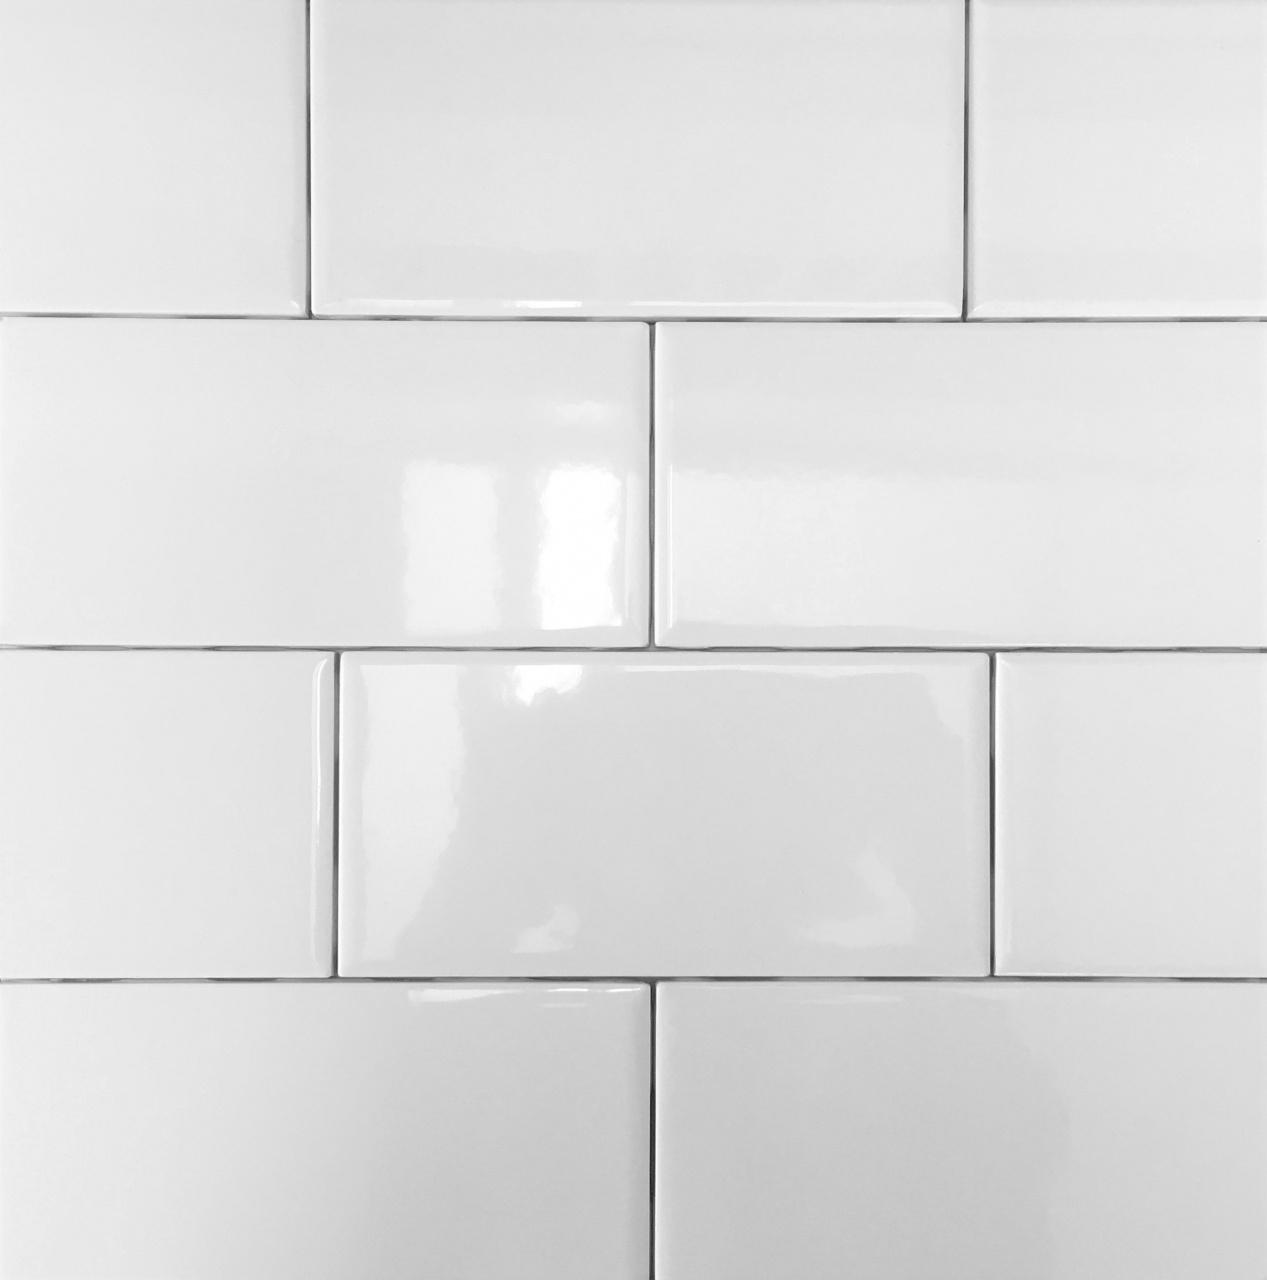 black and white vinyl flooring level 1 backsplash white ice in 2019 from black and white vinyl flooring